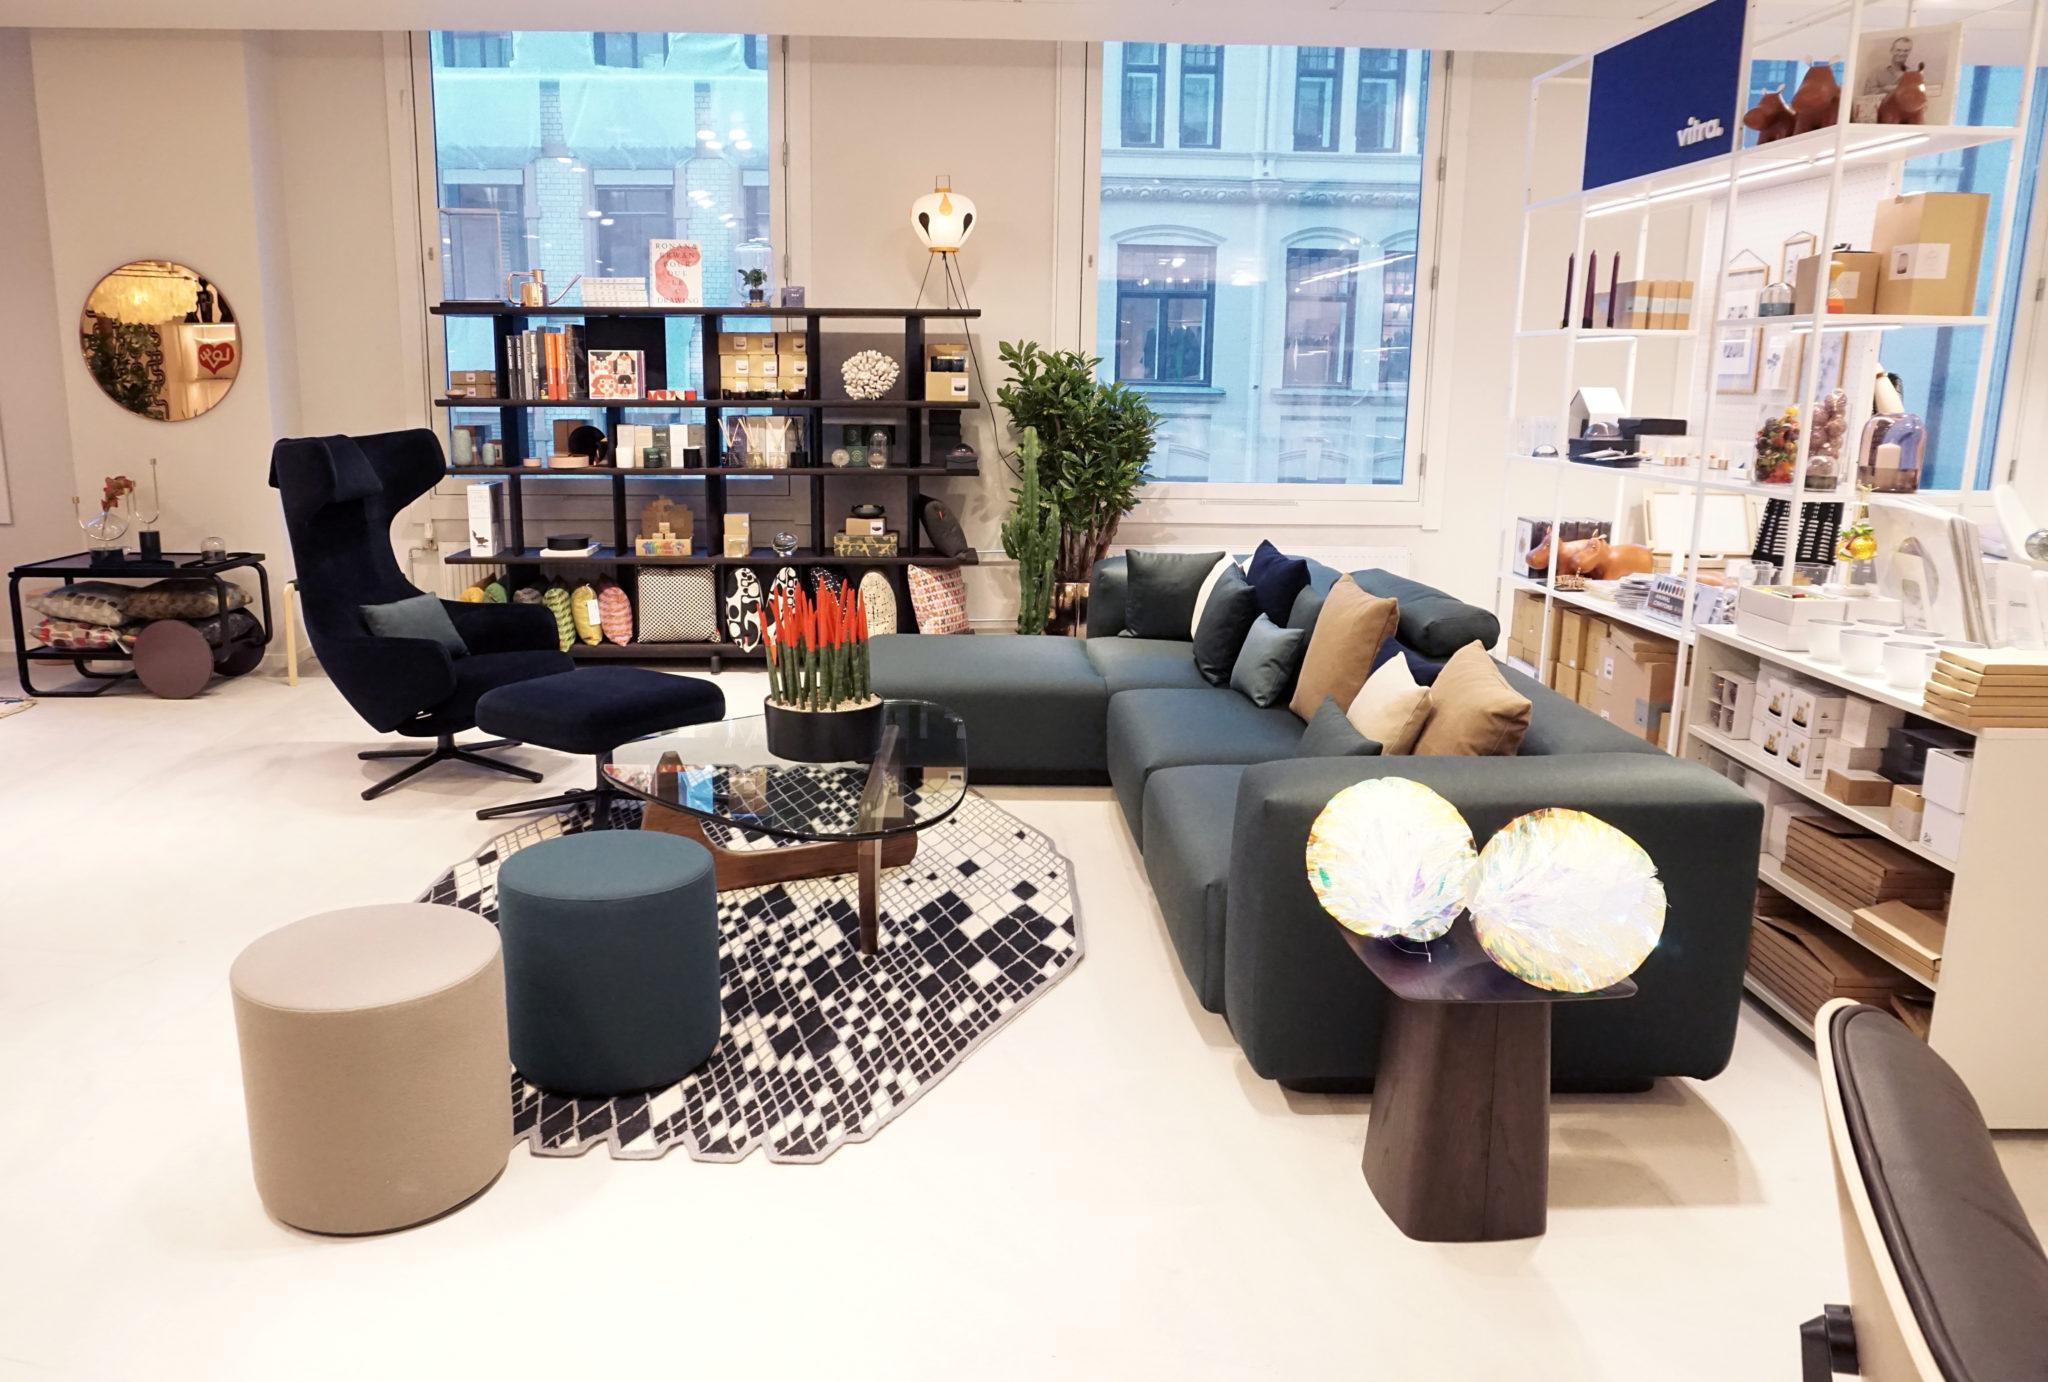 vitra pop up shop p steen str m kreativ i tet. Black Bedroom Furniture Sets. Home Design Ideas